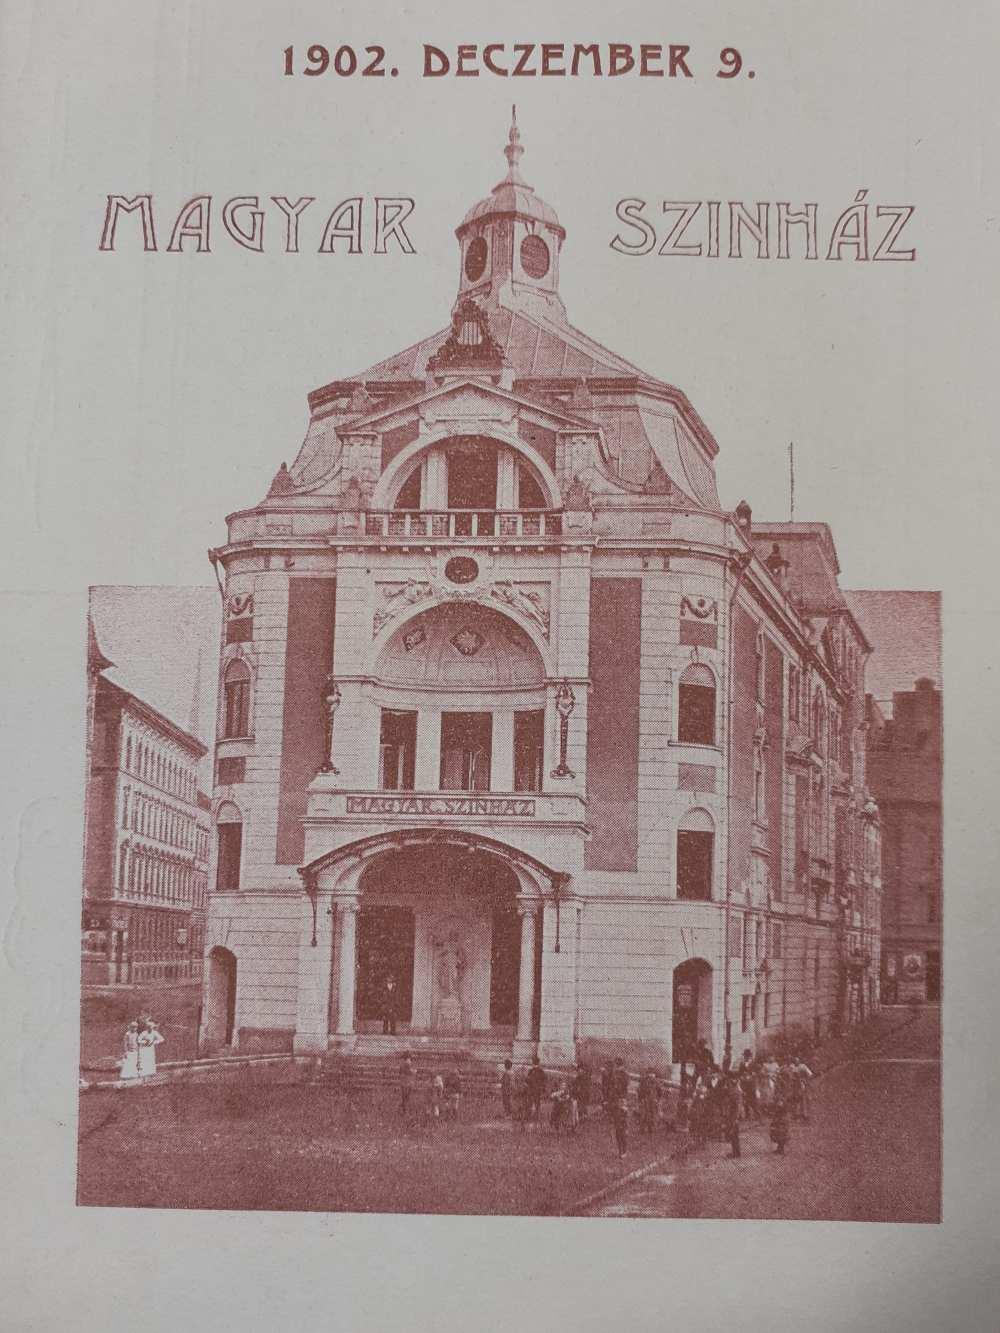 A Magyar Színház 1902-ben. Korabeli aprónyomtatvány. Leszkay-hagyaték – Színháztörténeti és Zeneműtár